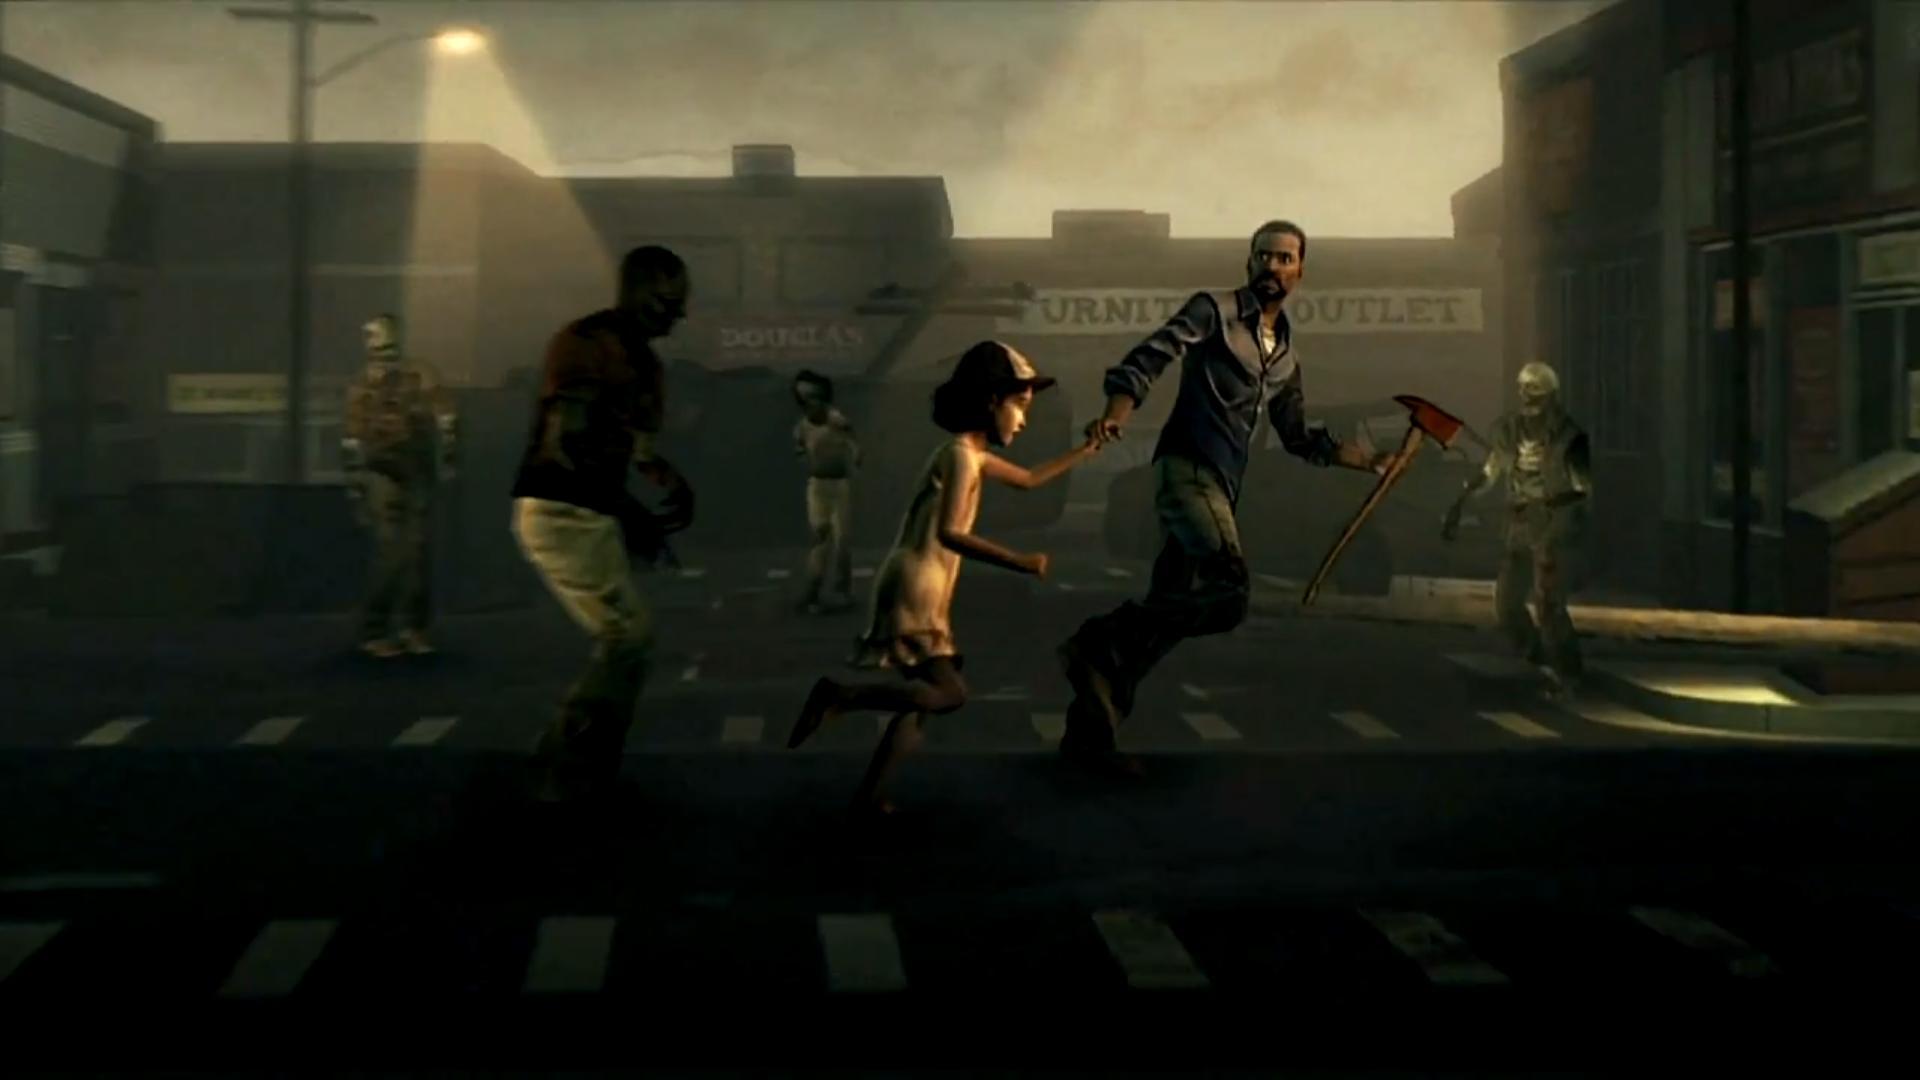 the walking dead game wallpaper HD – wallpapermonkey com